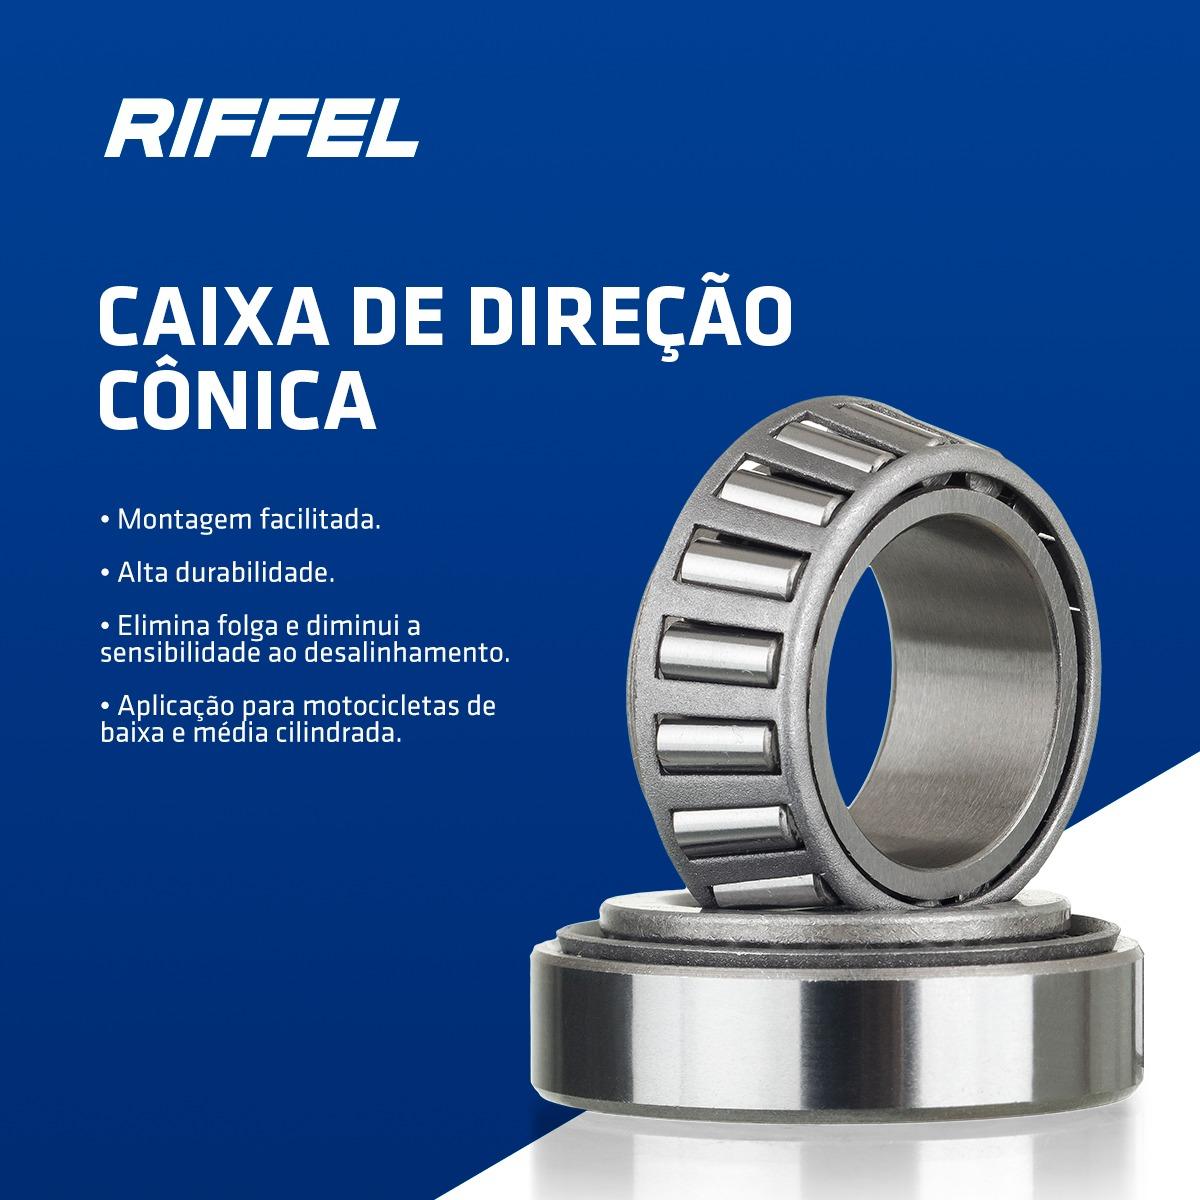 Caixa de Direção Cônica BROS 125-150-160 / XLR 125 / XR 200 / Falcon NX4 / XR 250 / NX 150-200 / XRE 190-300